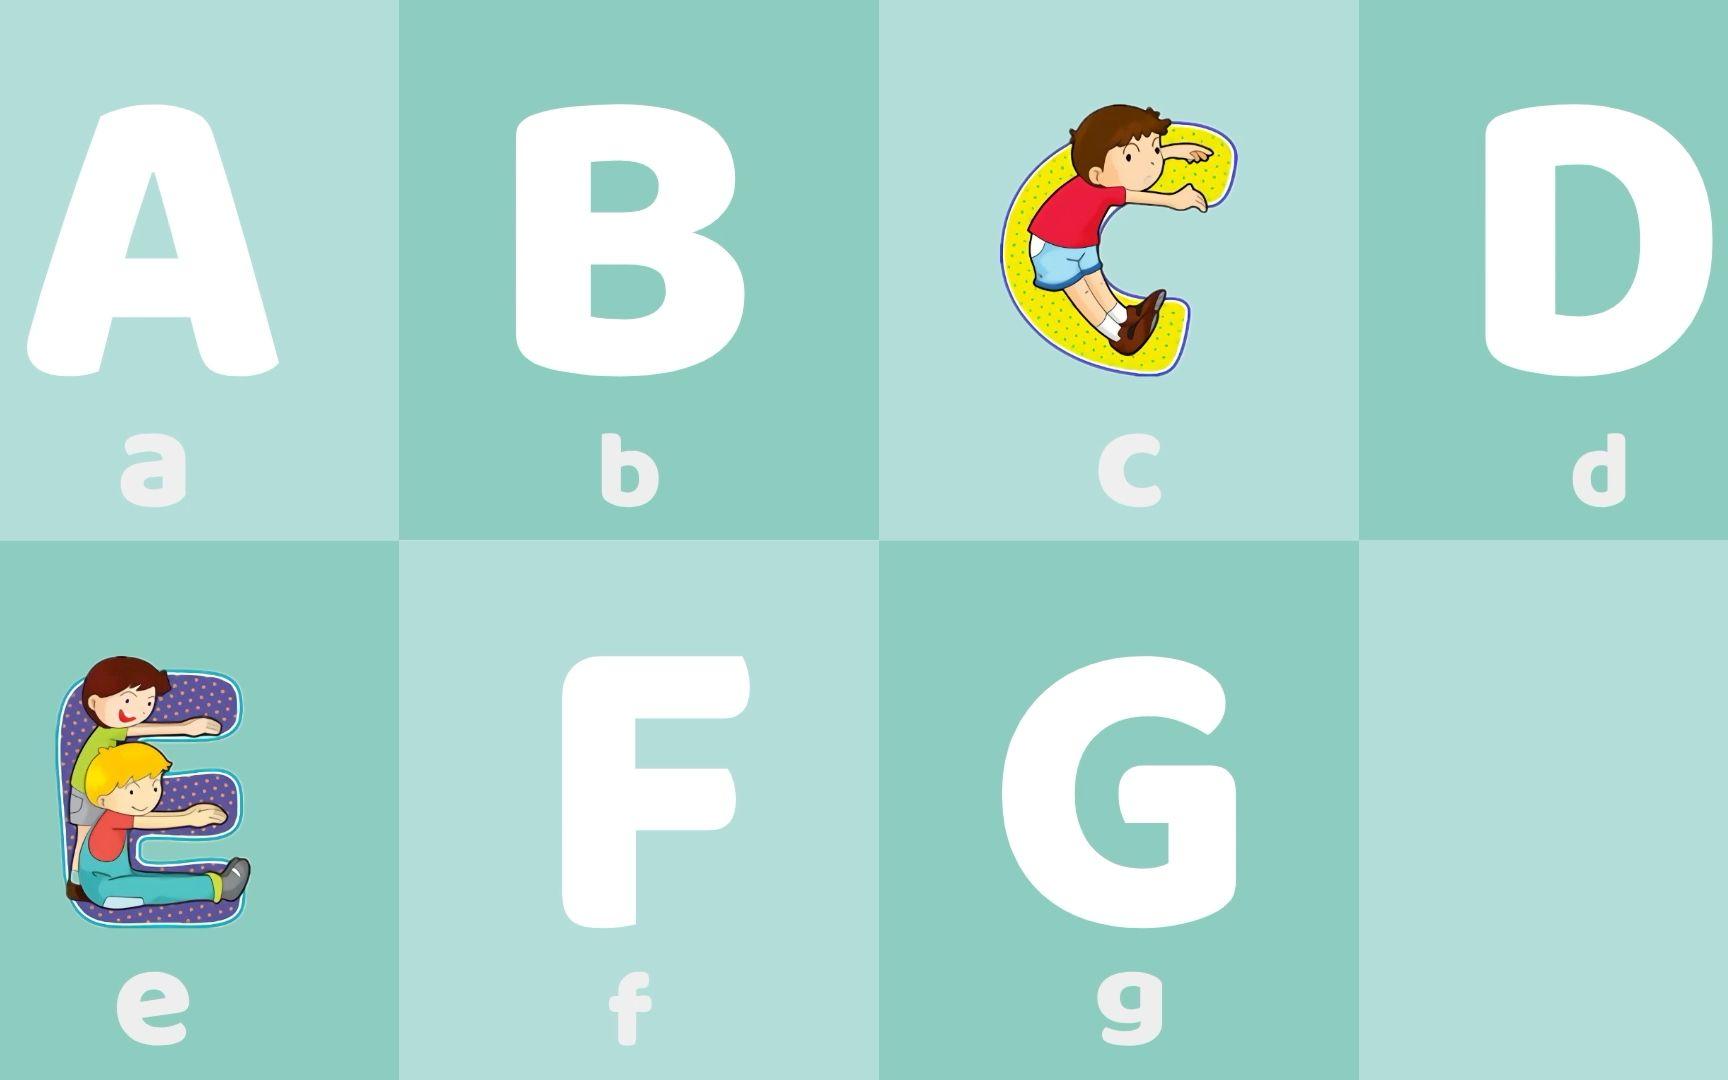 英語ABC字母歌 學習英語字母ABC 學英語 學英文 兒童學英語 英文兒歌 磨耳朵早教 [西瓜寶寶學英語]-愛嗶哩(B站視頻,附abcd兒歌歌詞和簡譜 - 寶寶愛唱歌 - 媽媽幫